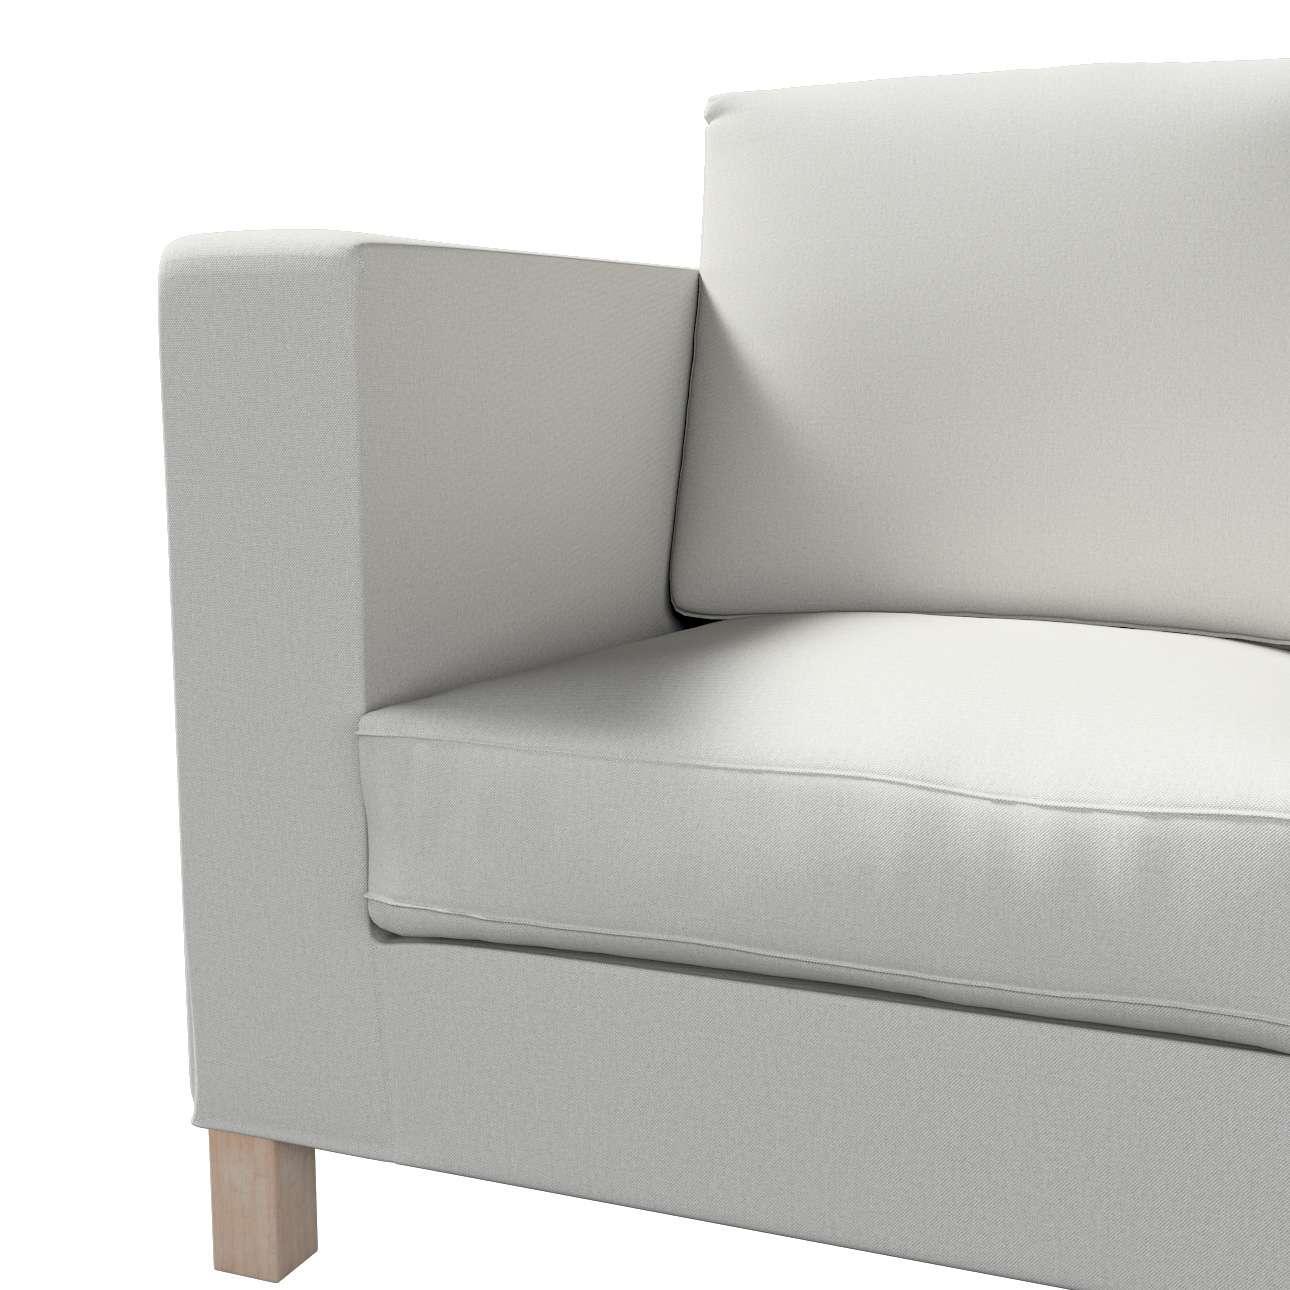 Karlanda klädsel <br>3-sits soffa - kort klädsel i kollektionen Etna, Tyg: 705-90